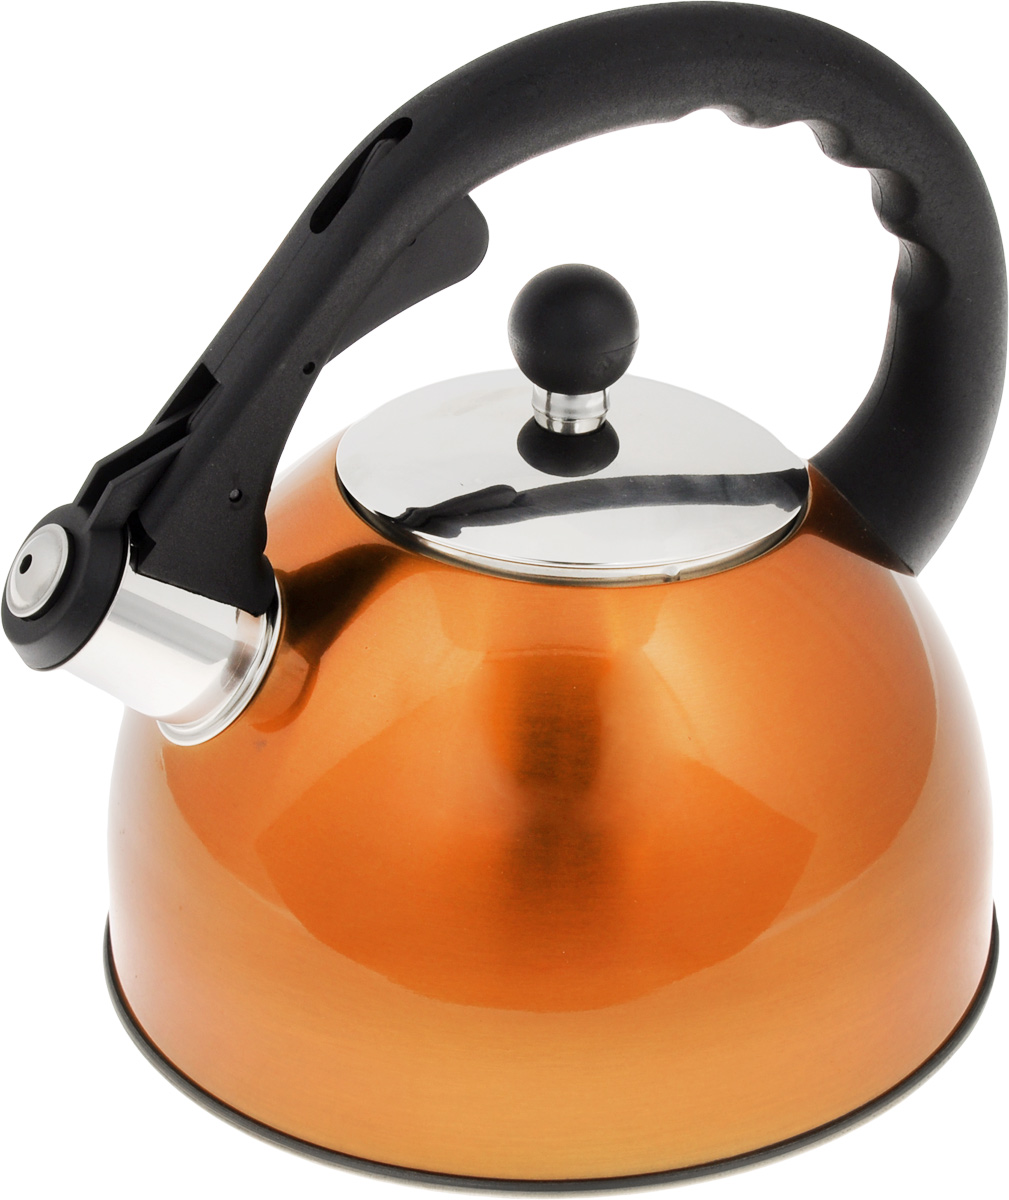 """Чайник """"Mayer & Boch"""" изготовлен из высококачественной нержавеющей стали. Внешнее цветное термостойкое покрытие корпуса придает изделию безупречный внешний вид. Изделие оснащено пластиковой ручкой эргономичной формы и свистком, который громко оповещает о закипании воды. Можно использовать на всех видах плит. Подходит для индукционных плит. Можно мыть в посудомоечной машине.Диаметр (по верхнему краю): 10 см.  Высота чайника (без учета ручки и крышки): 12 см.Высота чайника (с учетом ручки и крышки): 22 см."""